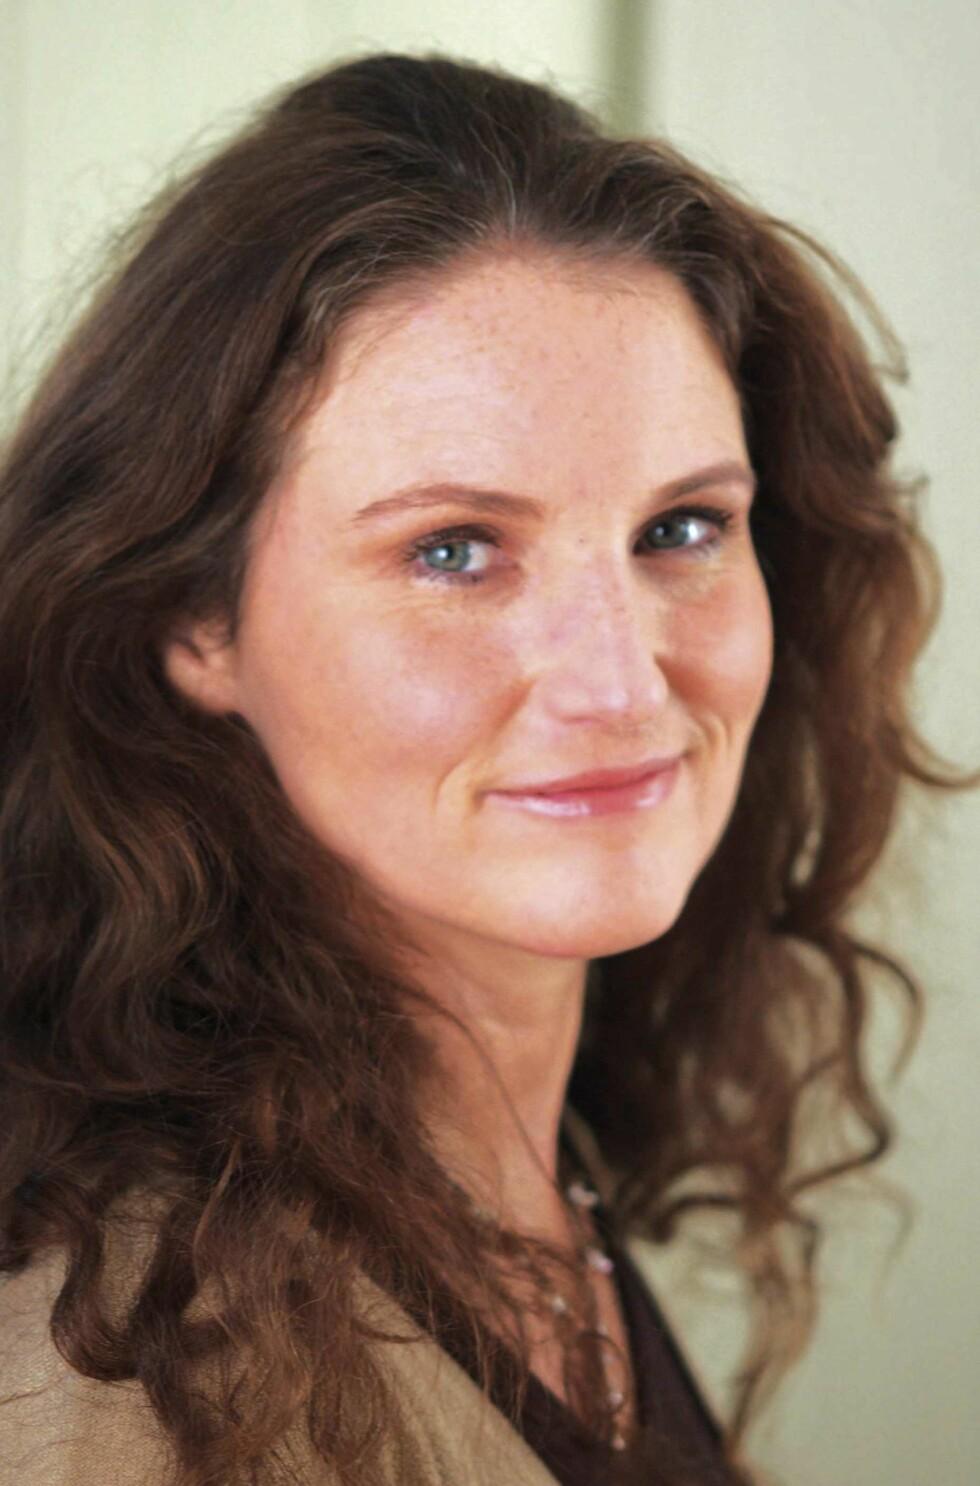 ERNÆRINGSFYSIOLOG OG FORFATTER: Gunn Helene Arsky vil gi alle på kur helgefri.